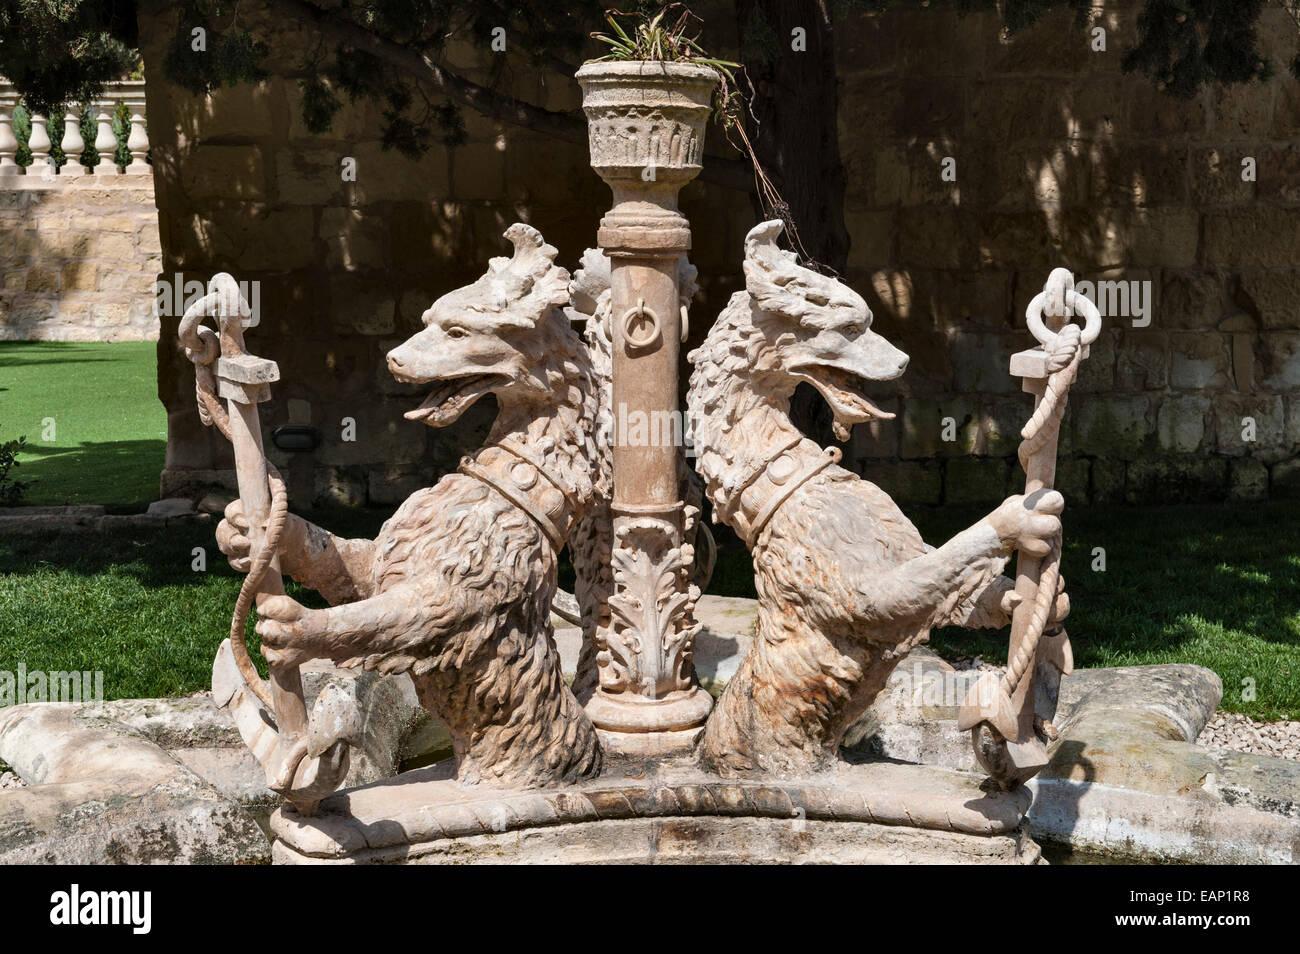 The President's Kitchen Garden, Attard, Malta. Fountain with heraldic beasts - Stock Image